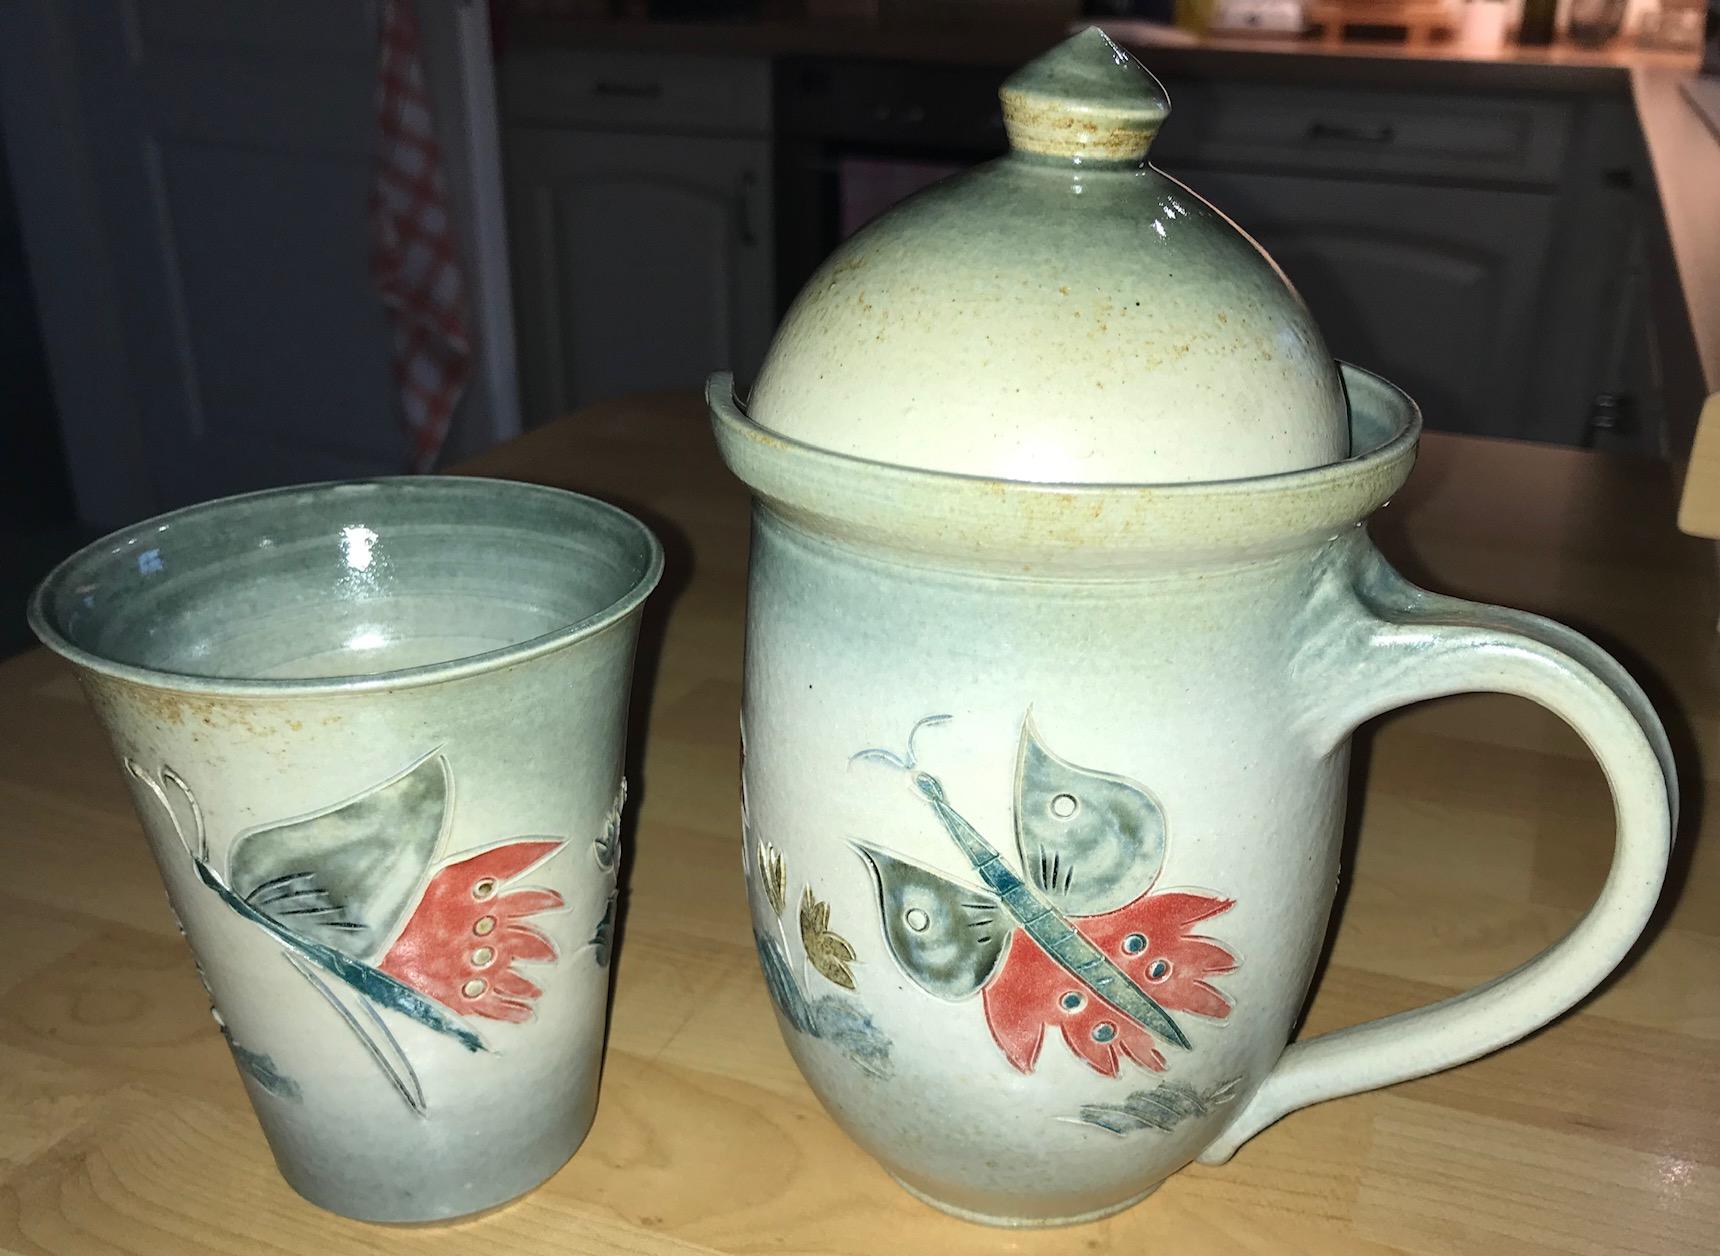 Auf zum fröhlichen Tee kochen und Wasser trinken! Wenn es daraus nicht um Längen besser schmeckt... ???!